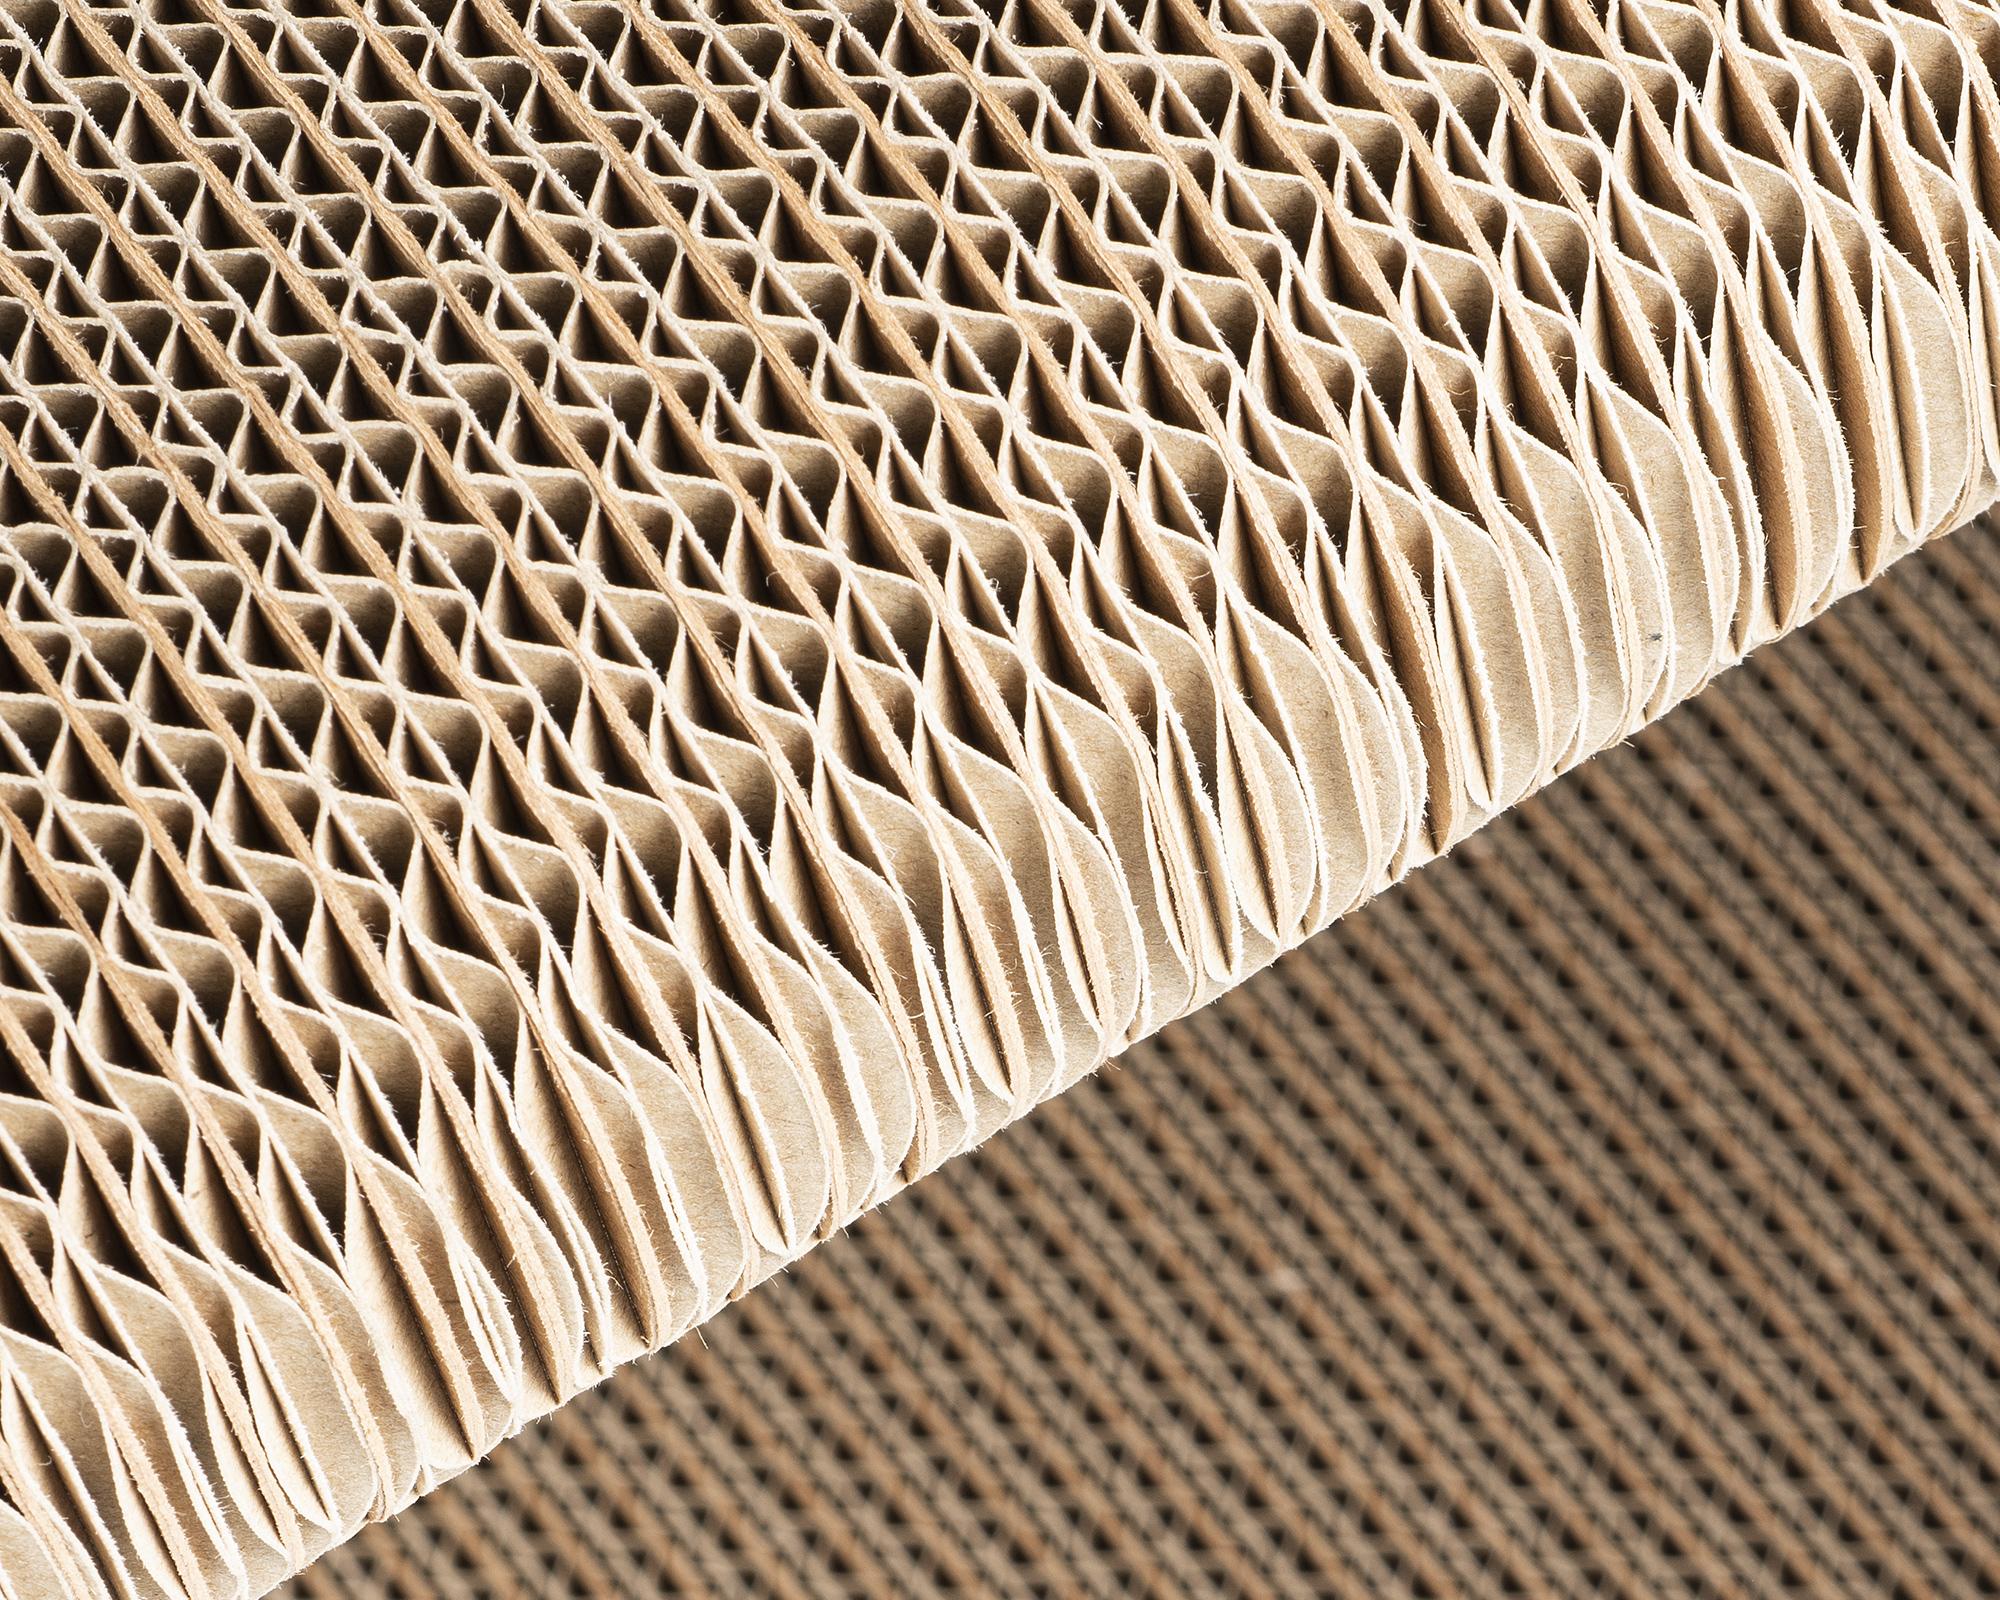 Hochwertige Kratzmöbel aus fsc-zertifizierten Schwerlastwellpappe mit langen Frischholzfasern